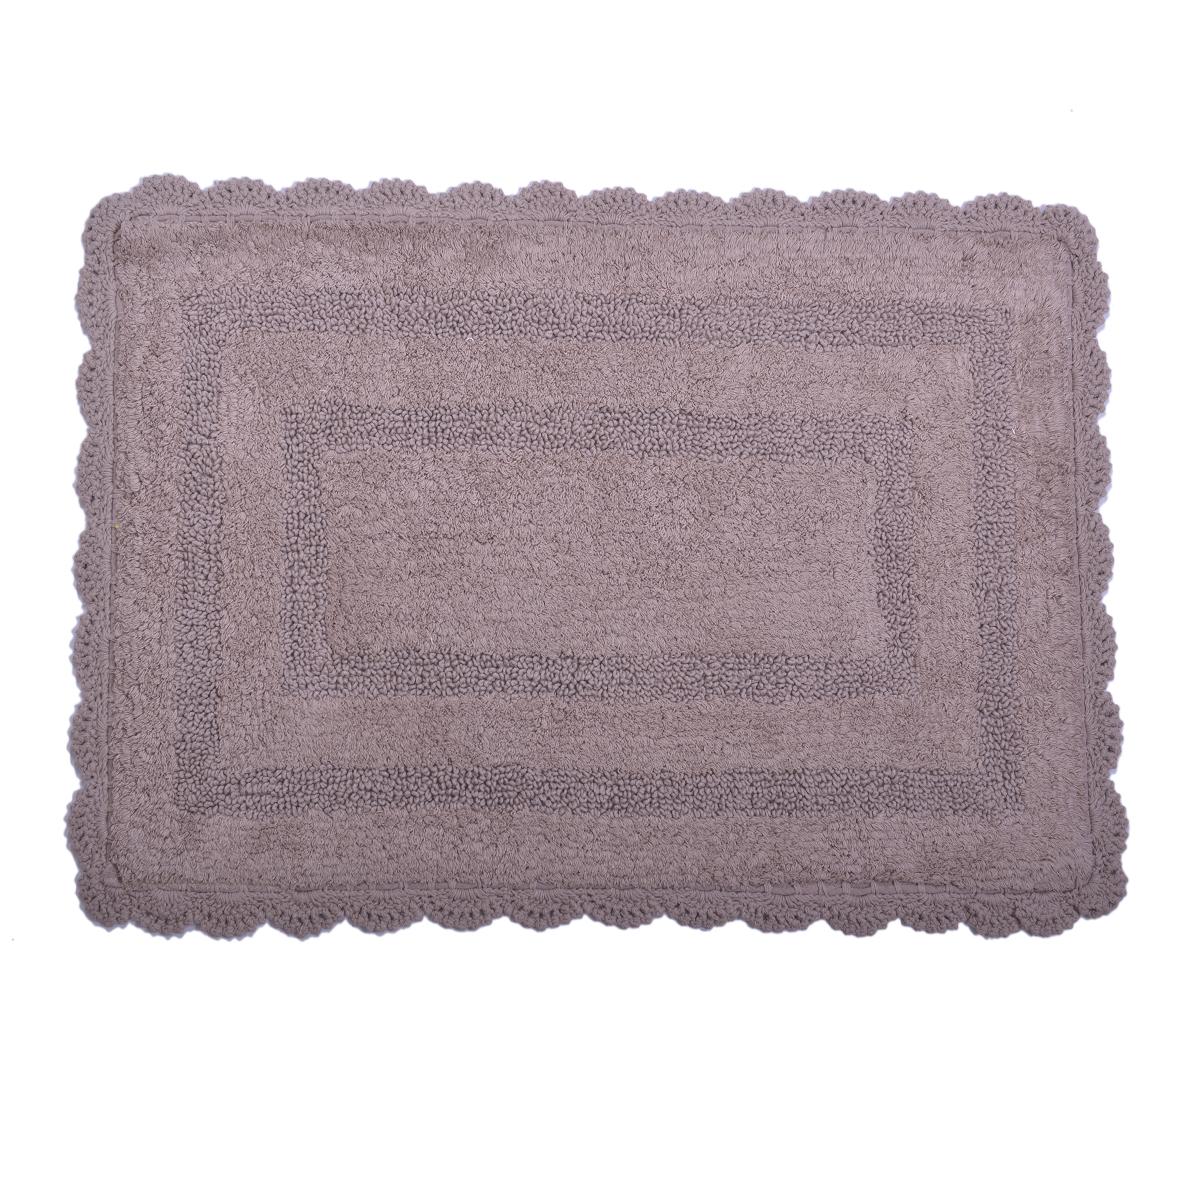 Tappeto con pizzo in cotone mexico cose di casa un mondo di accessori per la casa - Tappeto bagno marrone ...